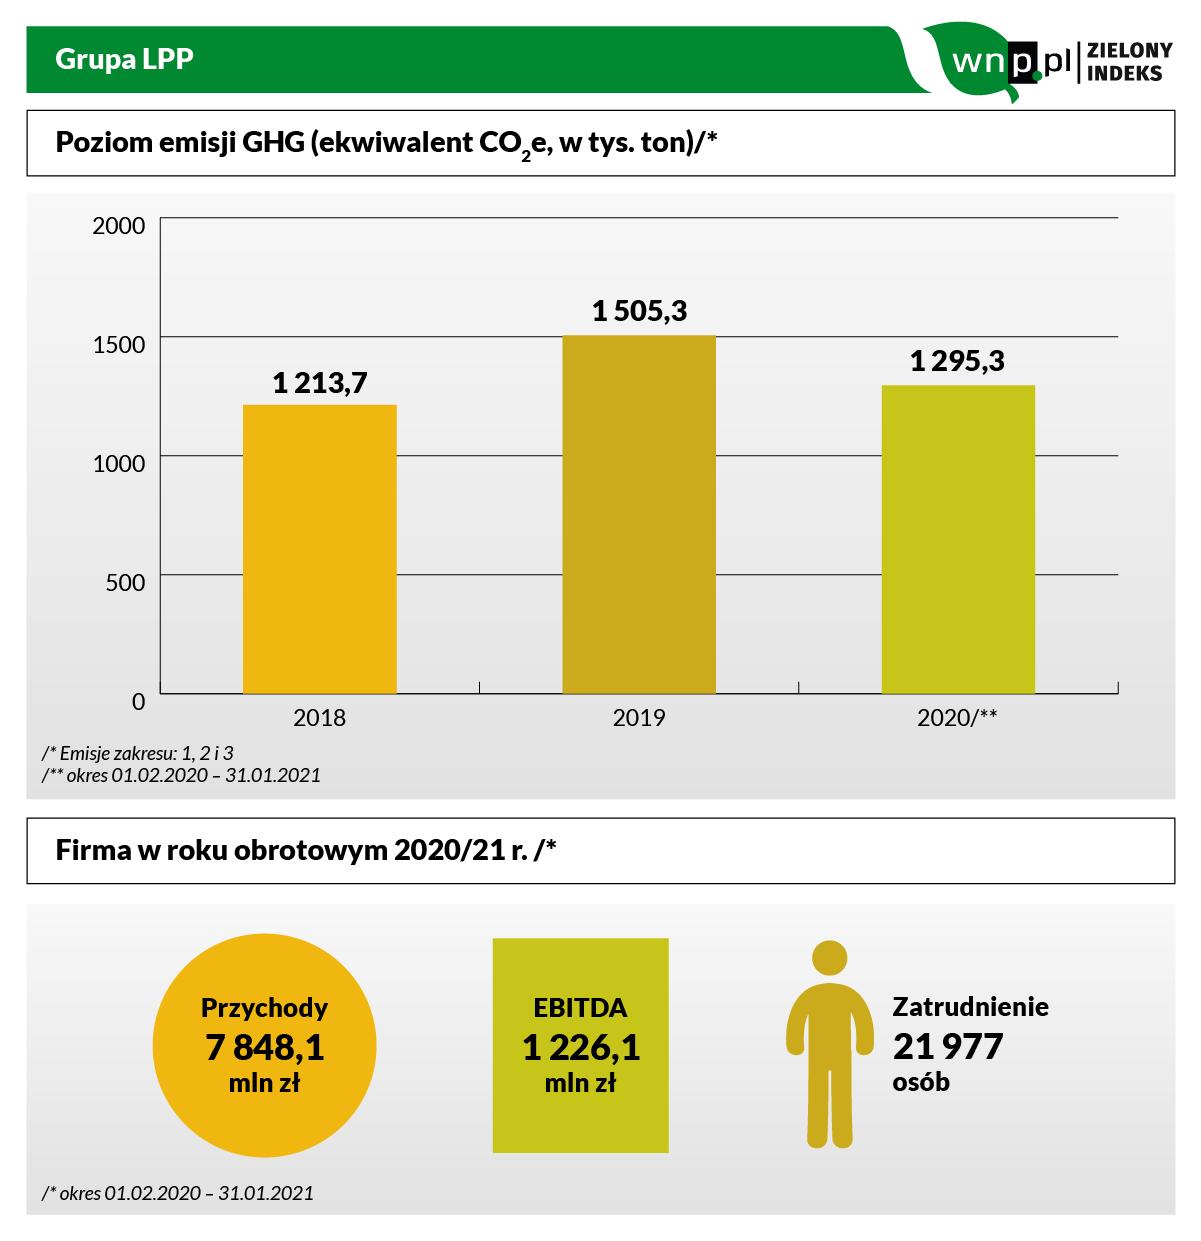 LPP do Zielonego Indeksu.png